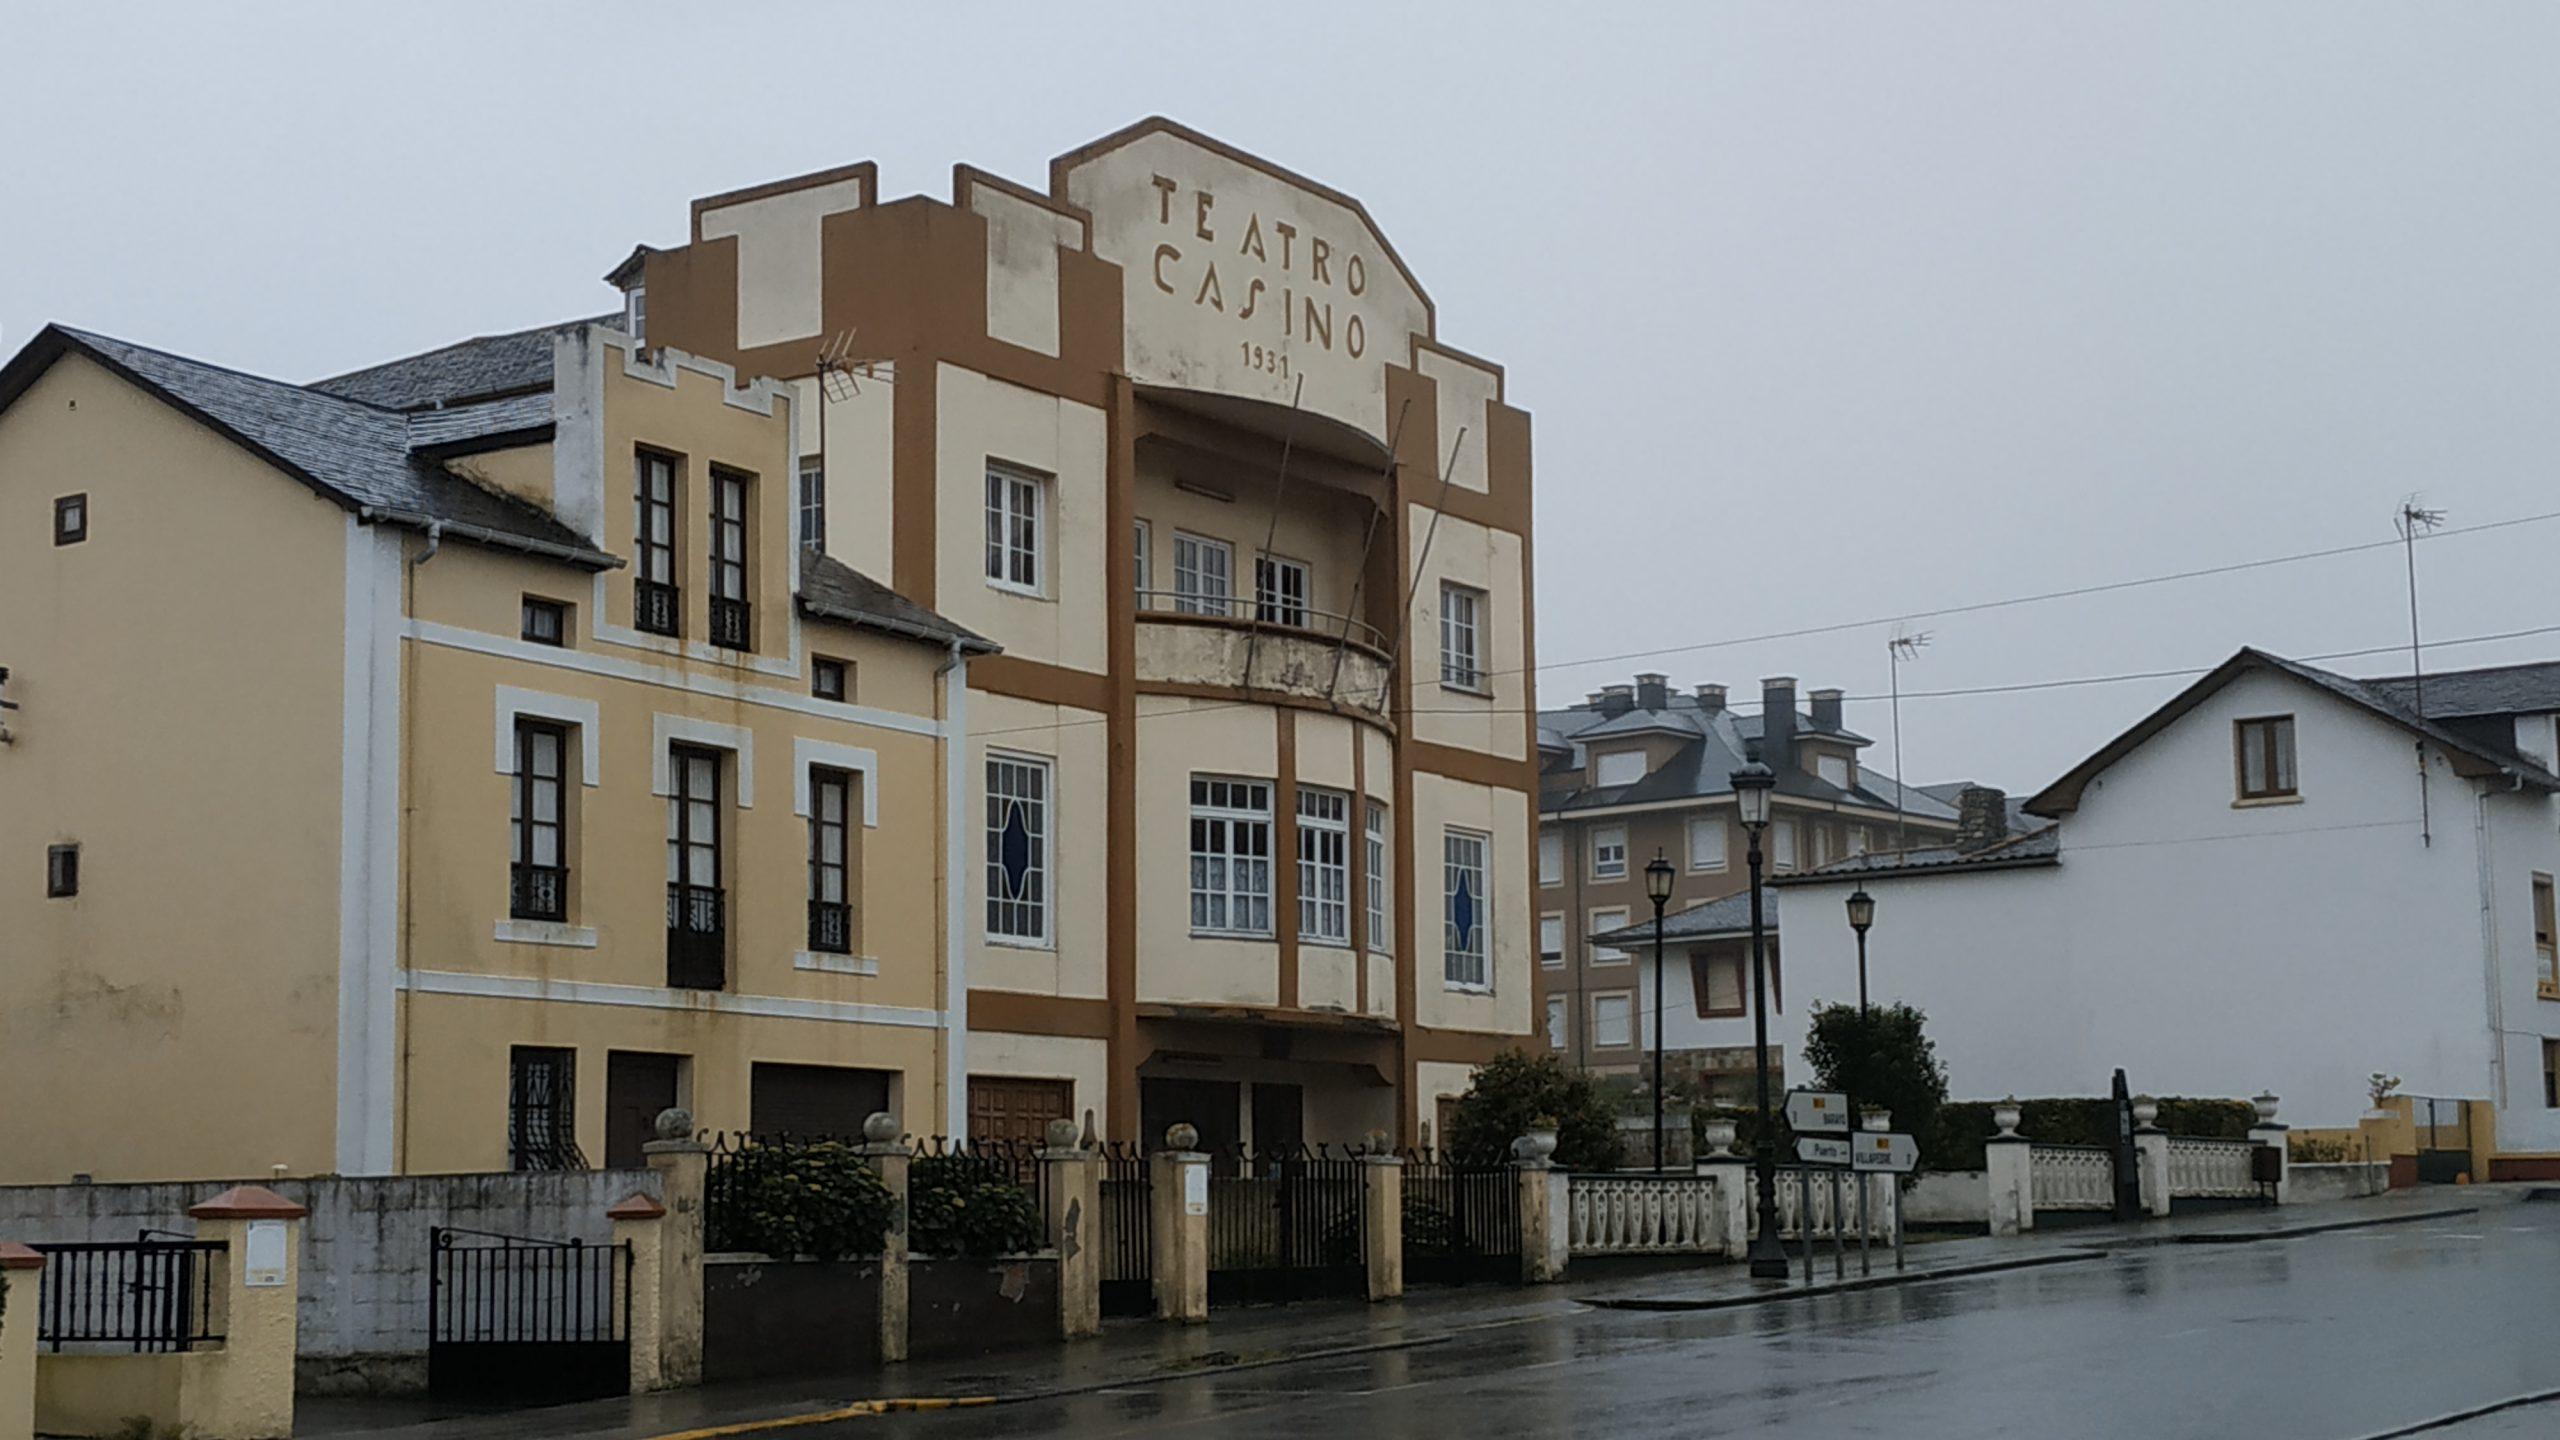 Patrimonio autoriza la rehabilitación del tejado del Teatro Casino de Puerto de Vega